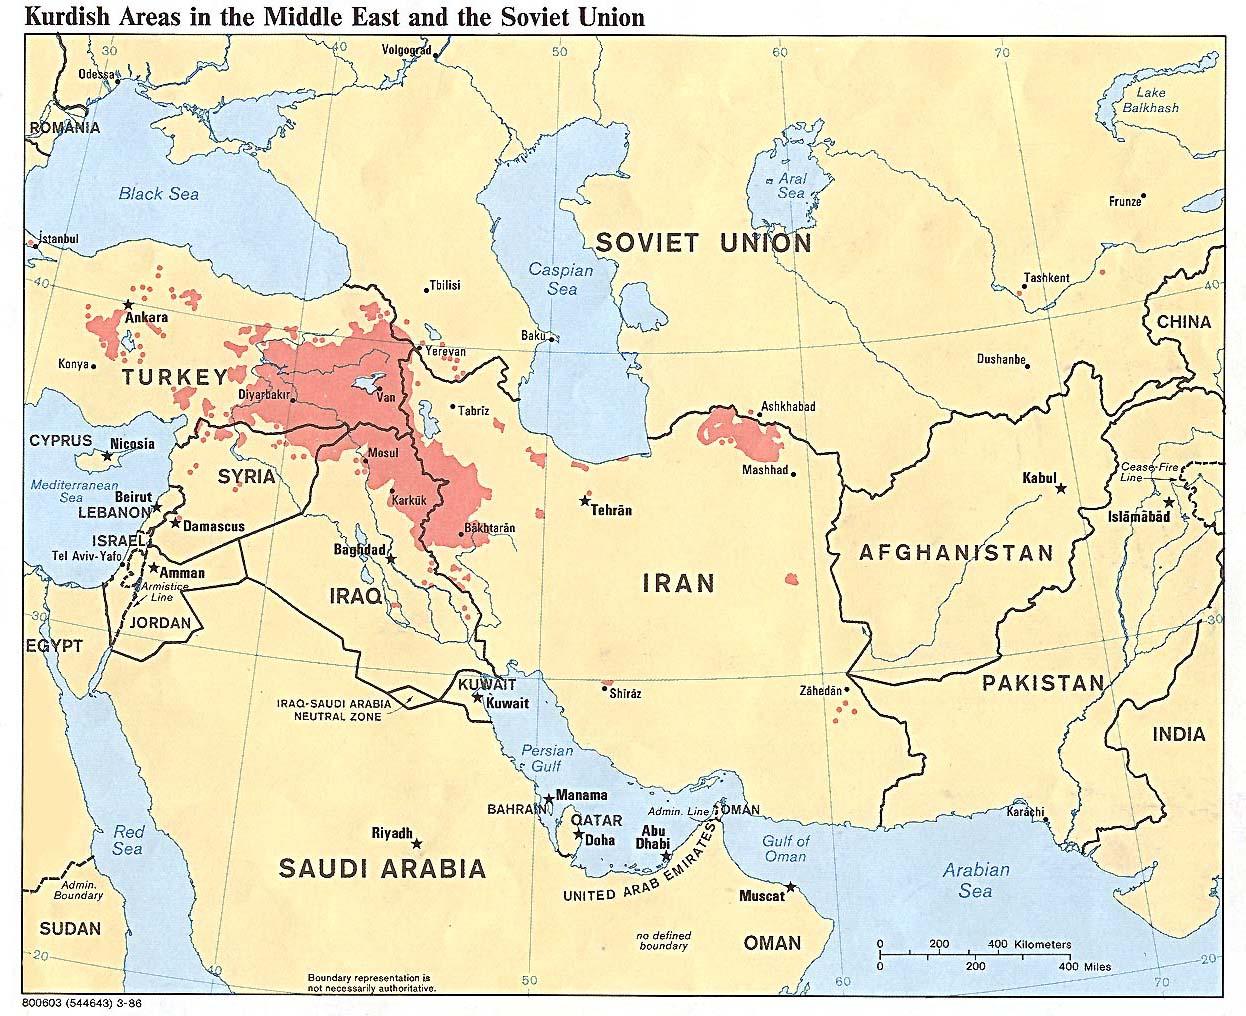 Kurdistan - zones